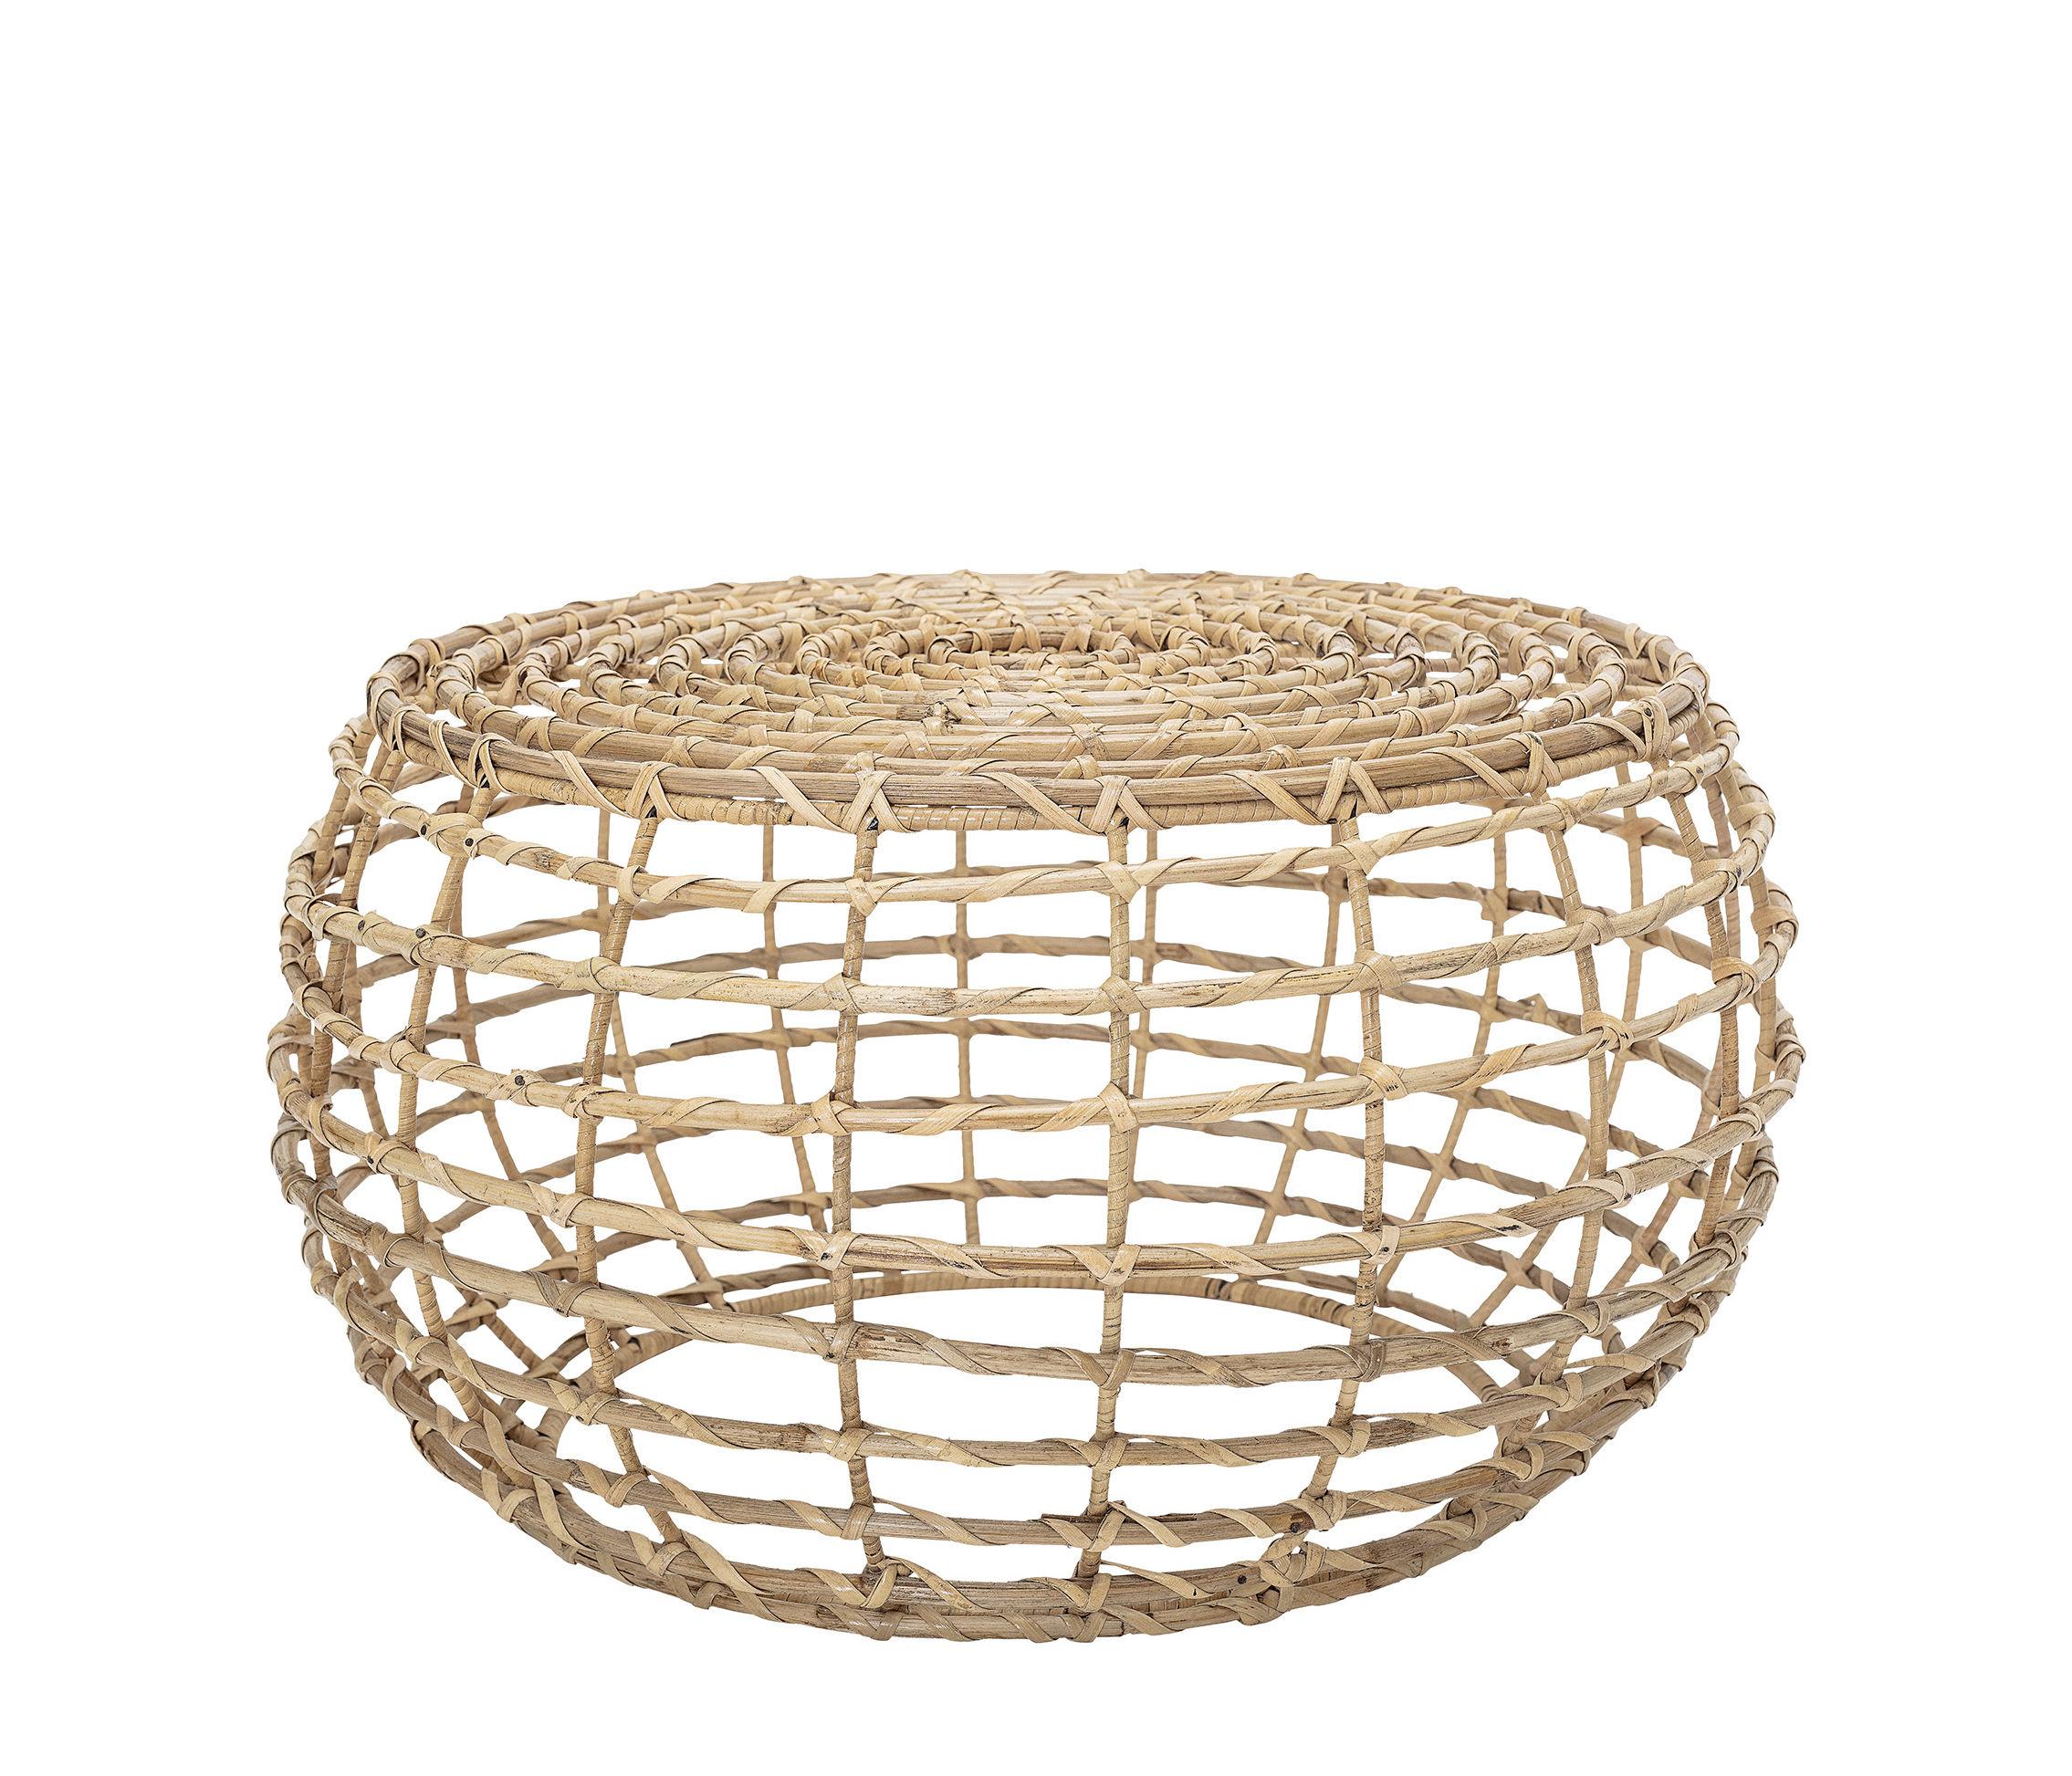 Möbel - Couchtische - Baril Couchtisch / Rattan - Ø 60 cm - Bloomingville - Rattan, natur - Rattan